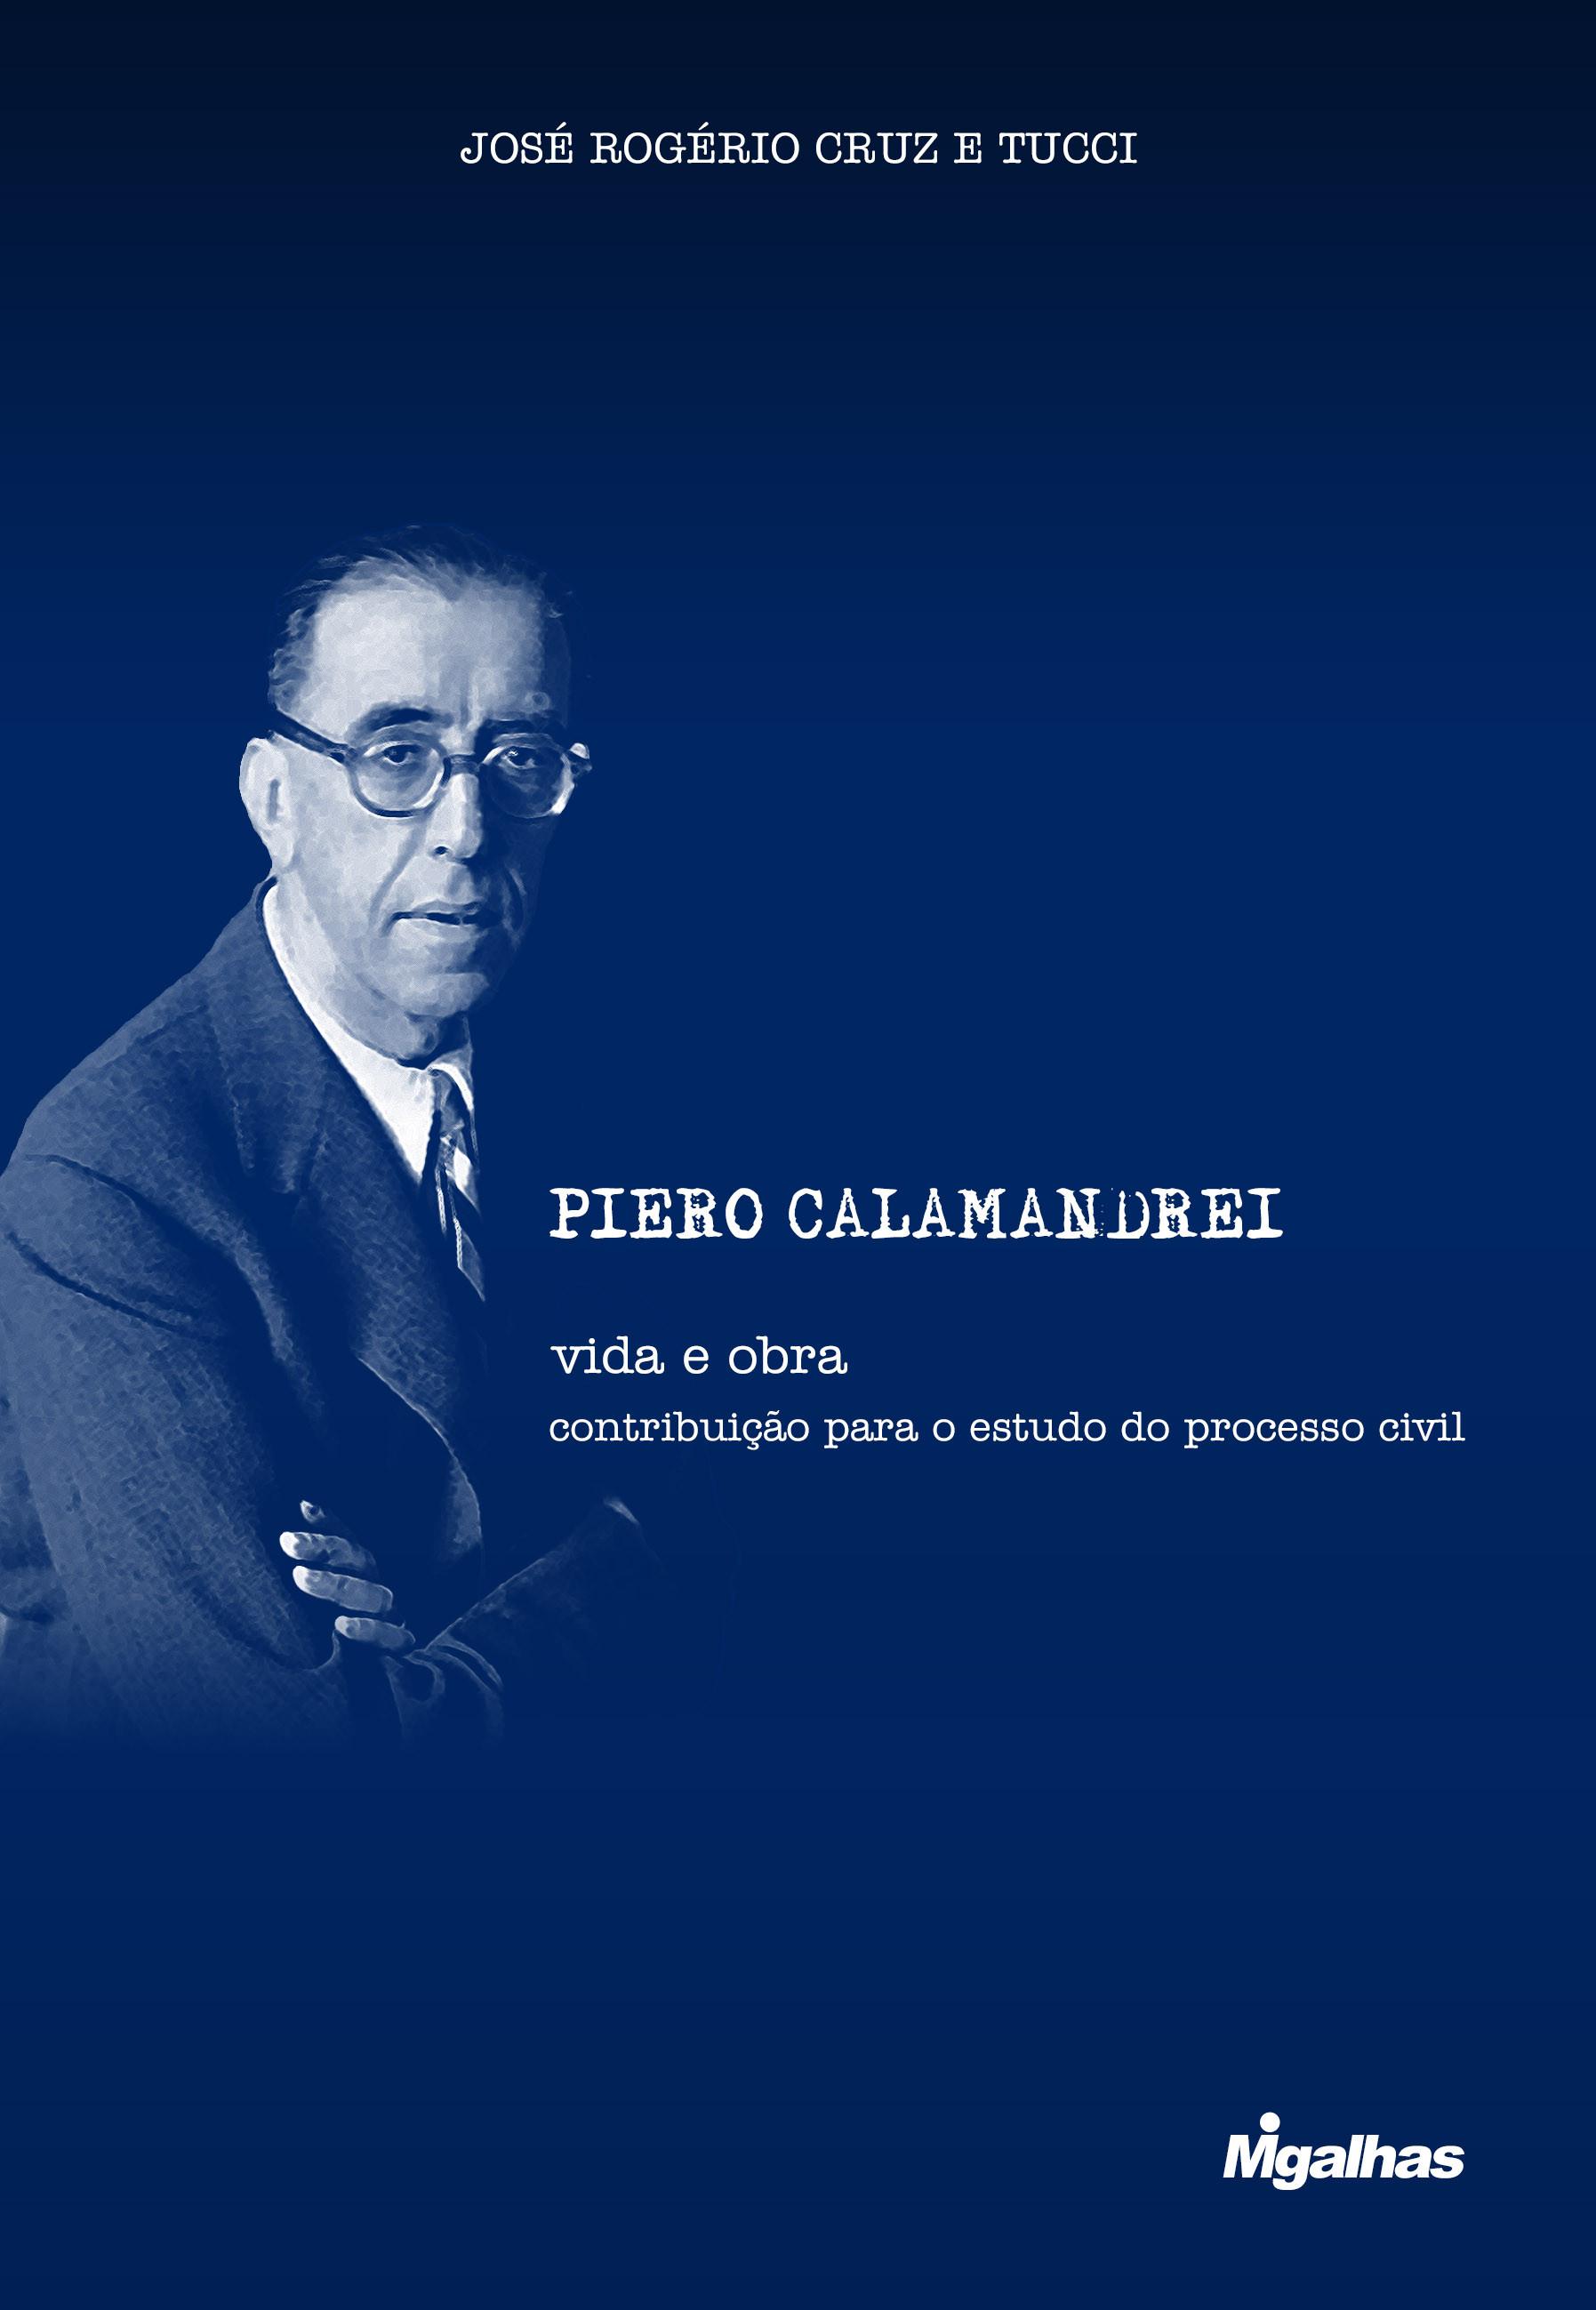 Piero Calamandrei: vida e obra - contribuição para o estudo do processo civil - José Rogério Cruz e Tucci